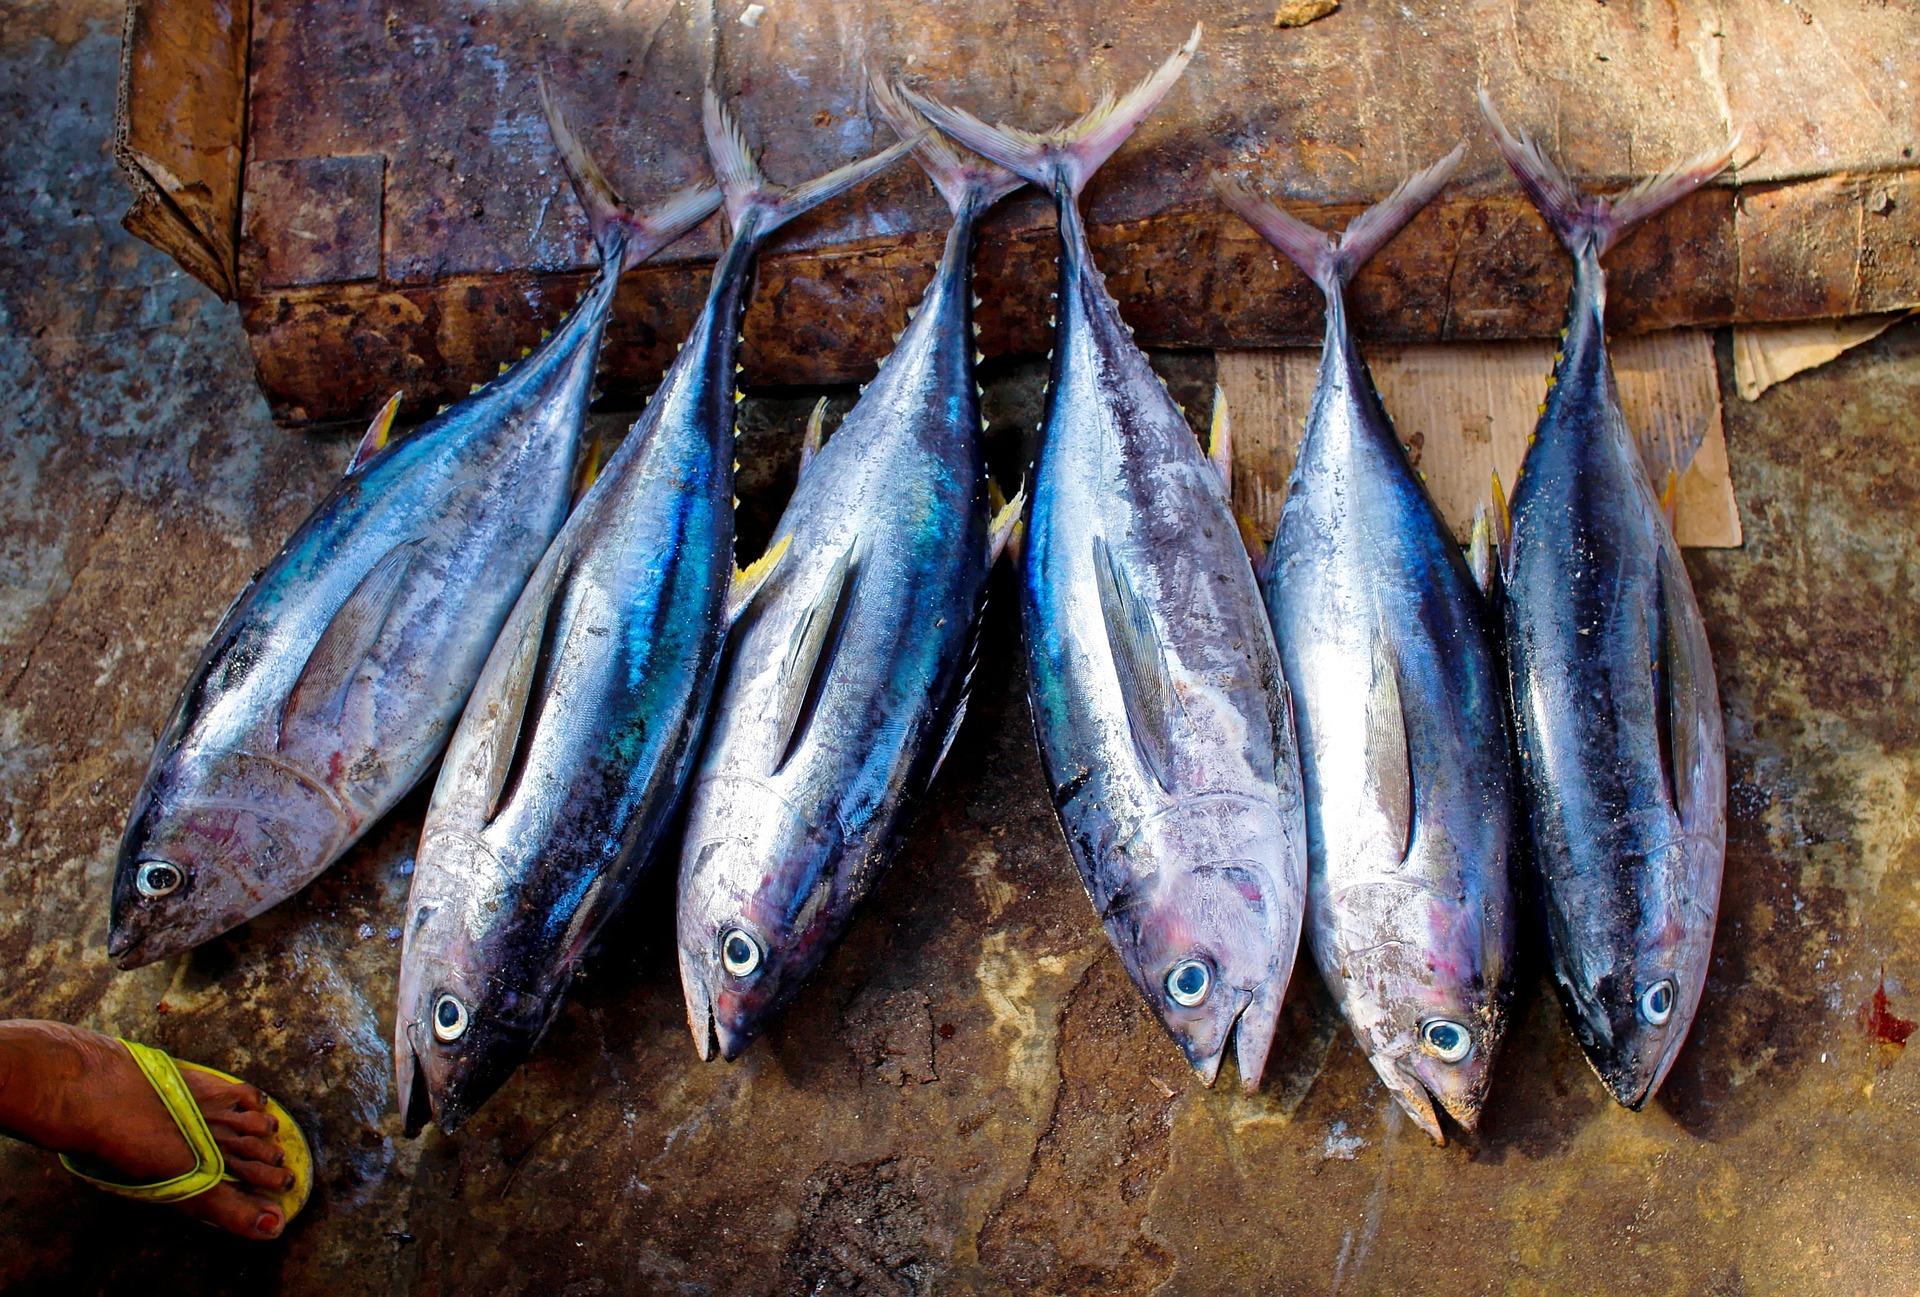 塩釜水産物仲卸市場は新鮮魚介が揃う人気スポット!食事や買い物を楽しもう